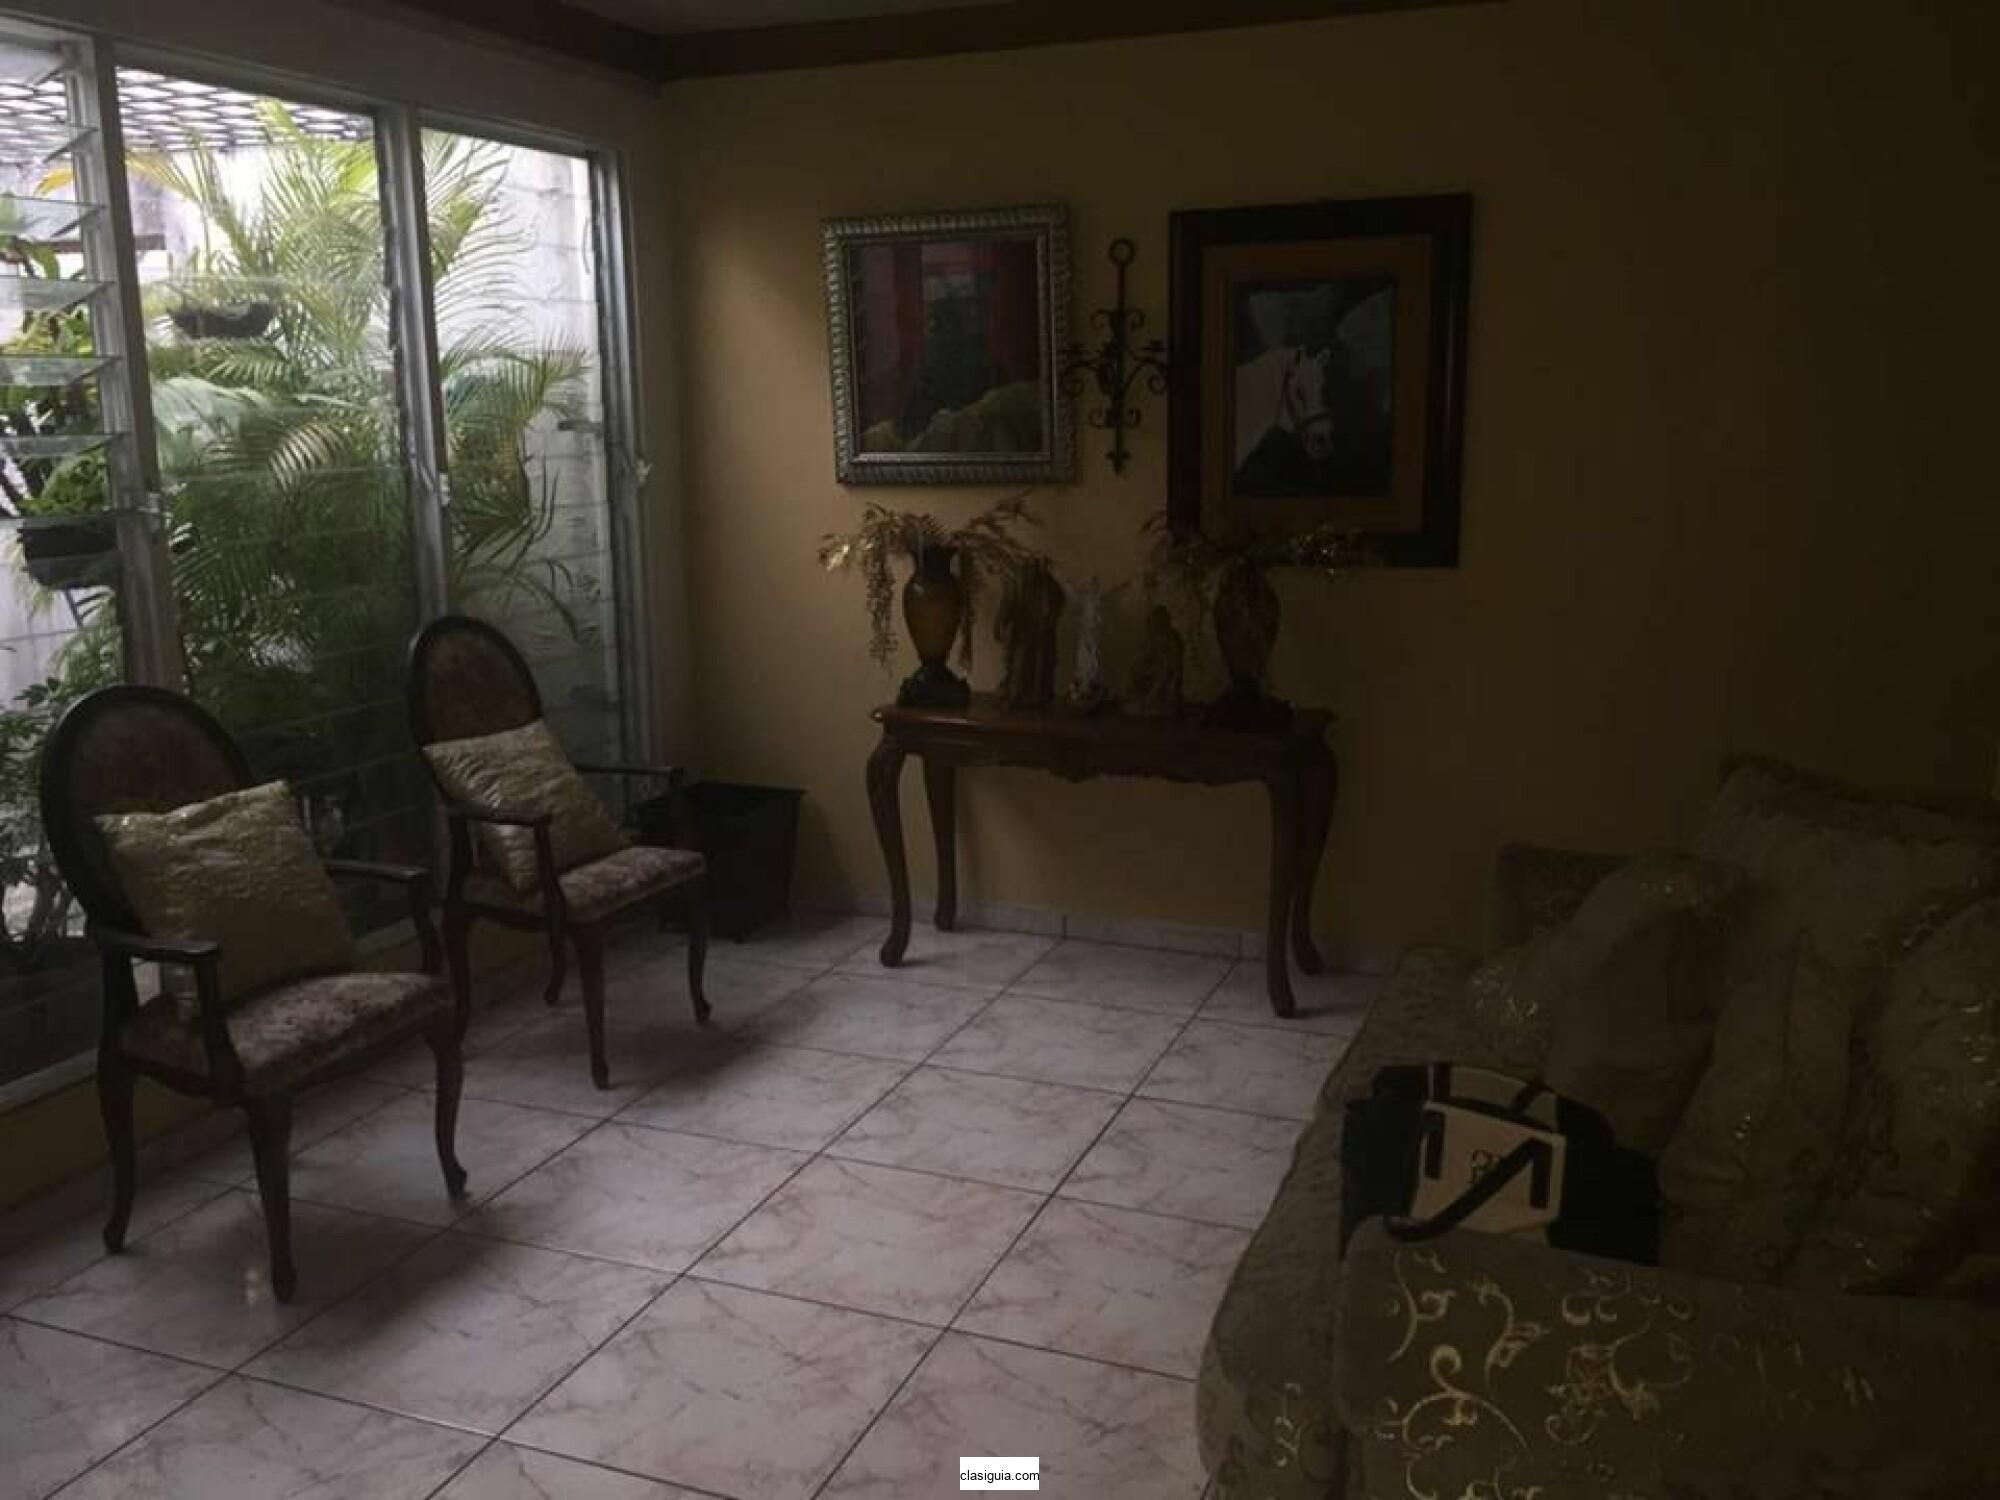 SE VENDE CASA MERLIOT JARDINES DE LA LIBERTAD, DE 1 PLANTA, PASAJE PRIVADO, tiene 425 v2 de terreno